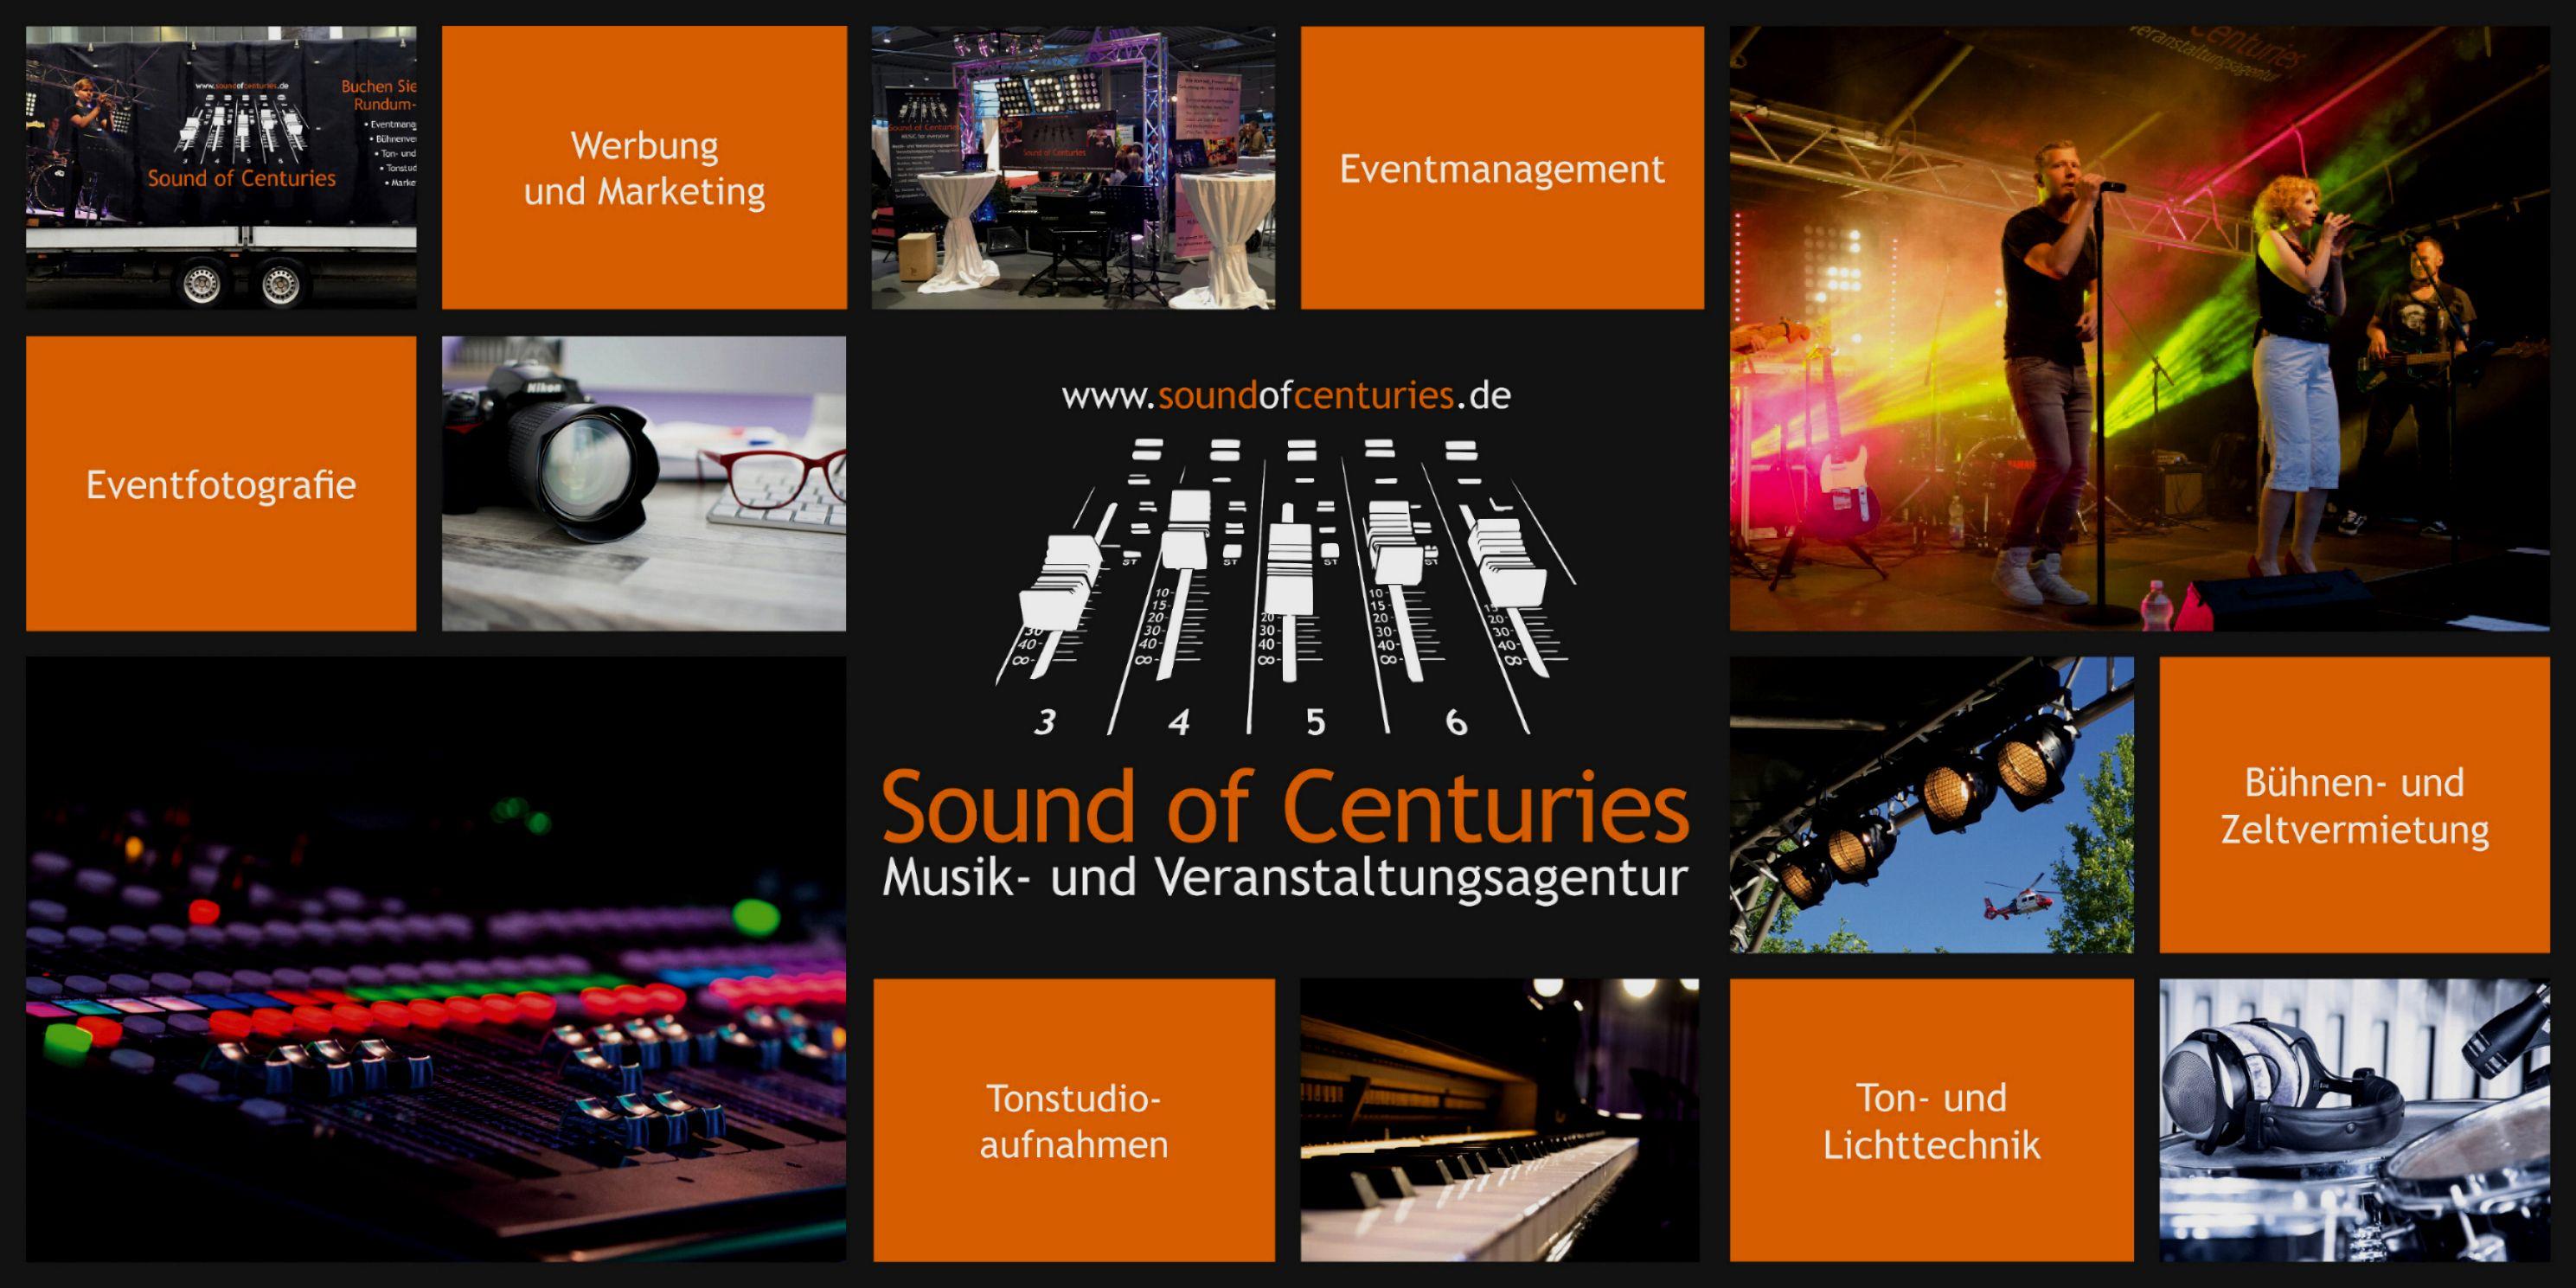 Sound of Centuries